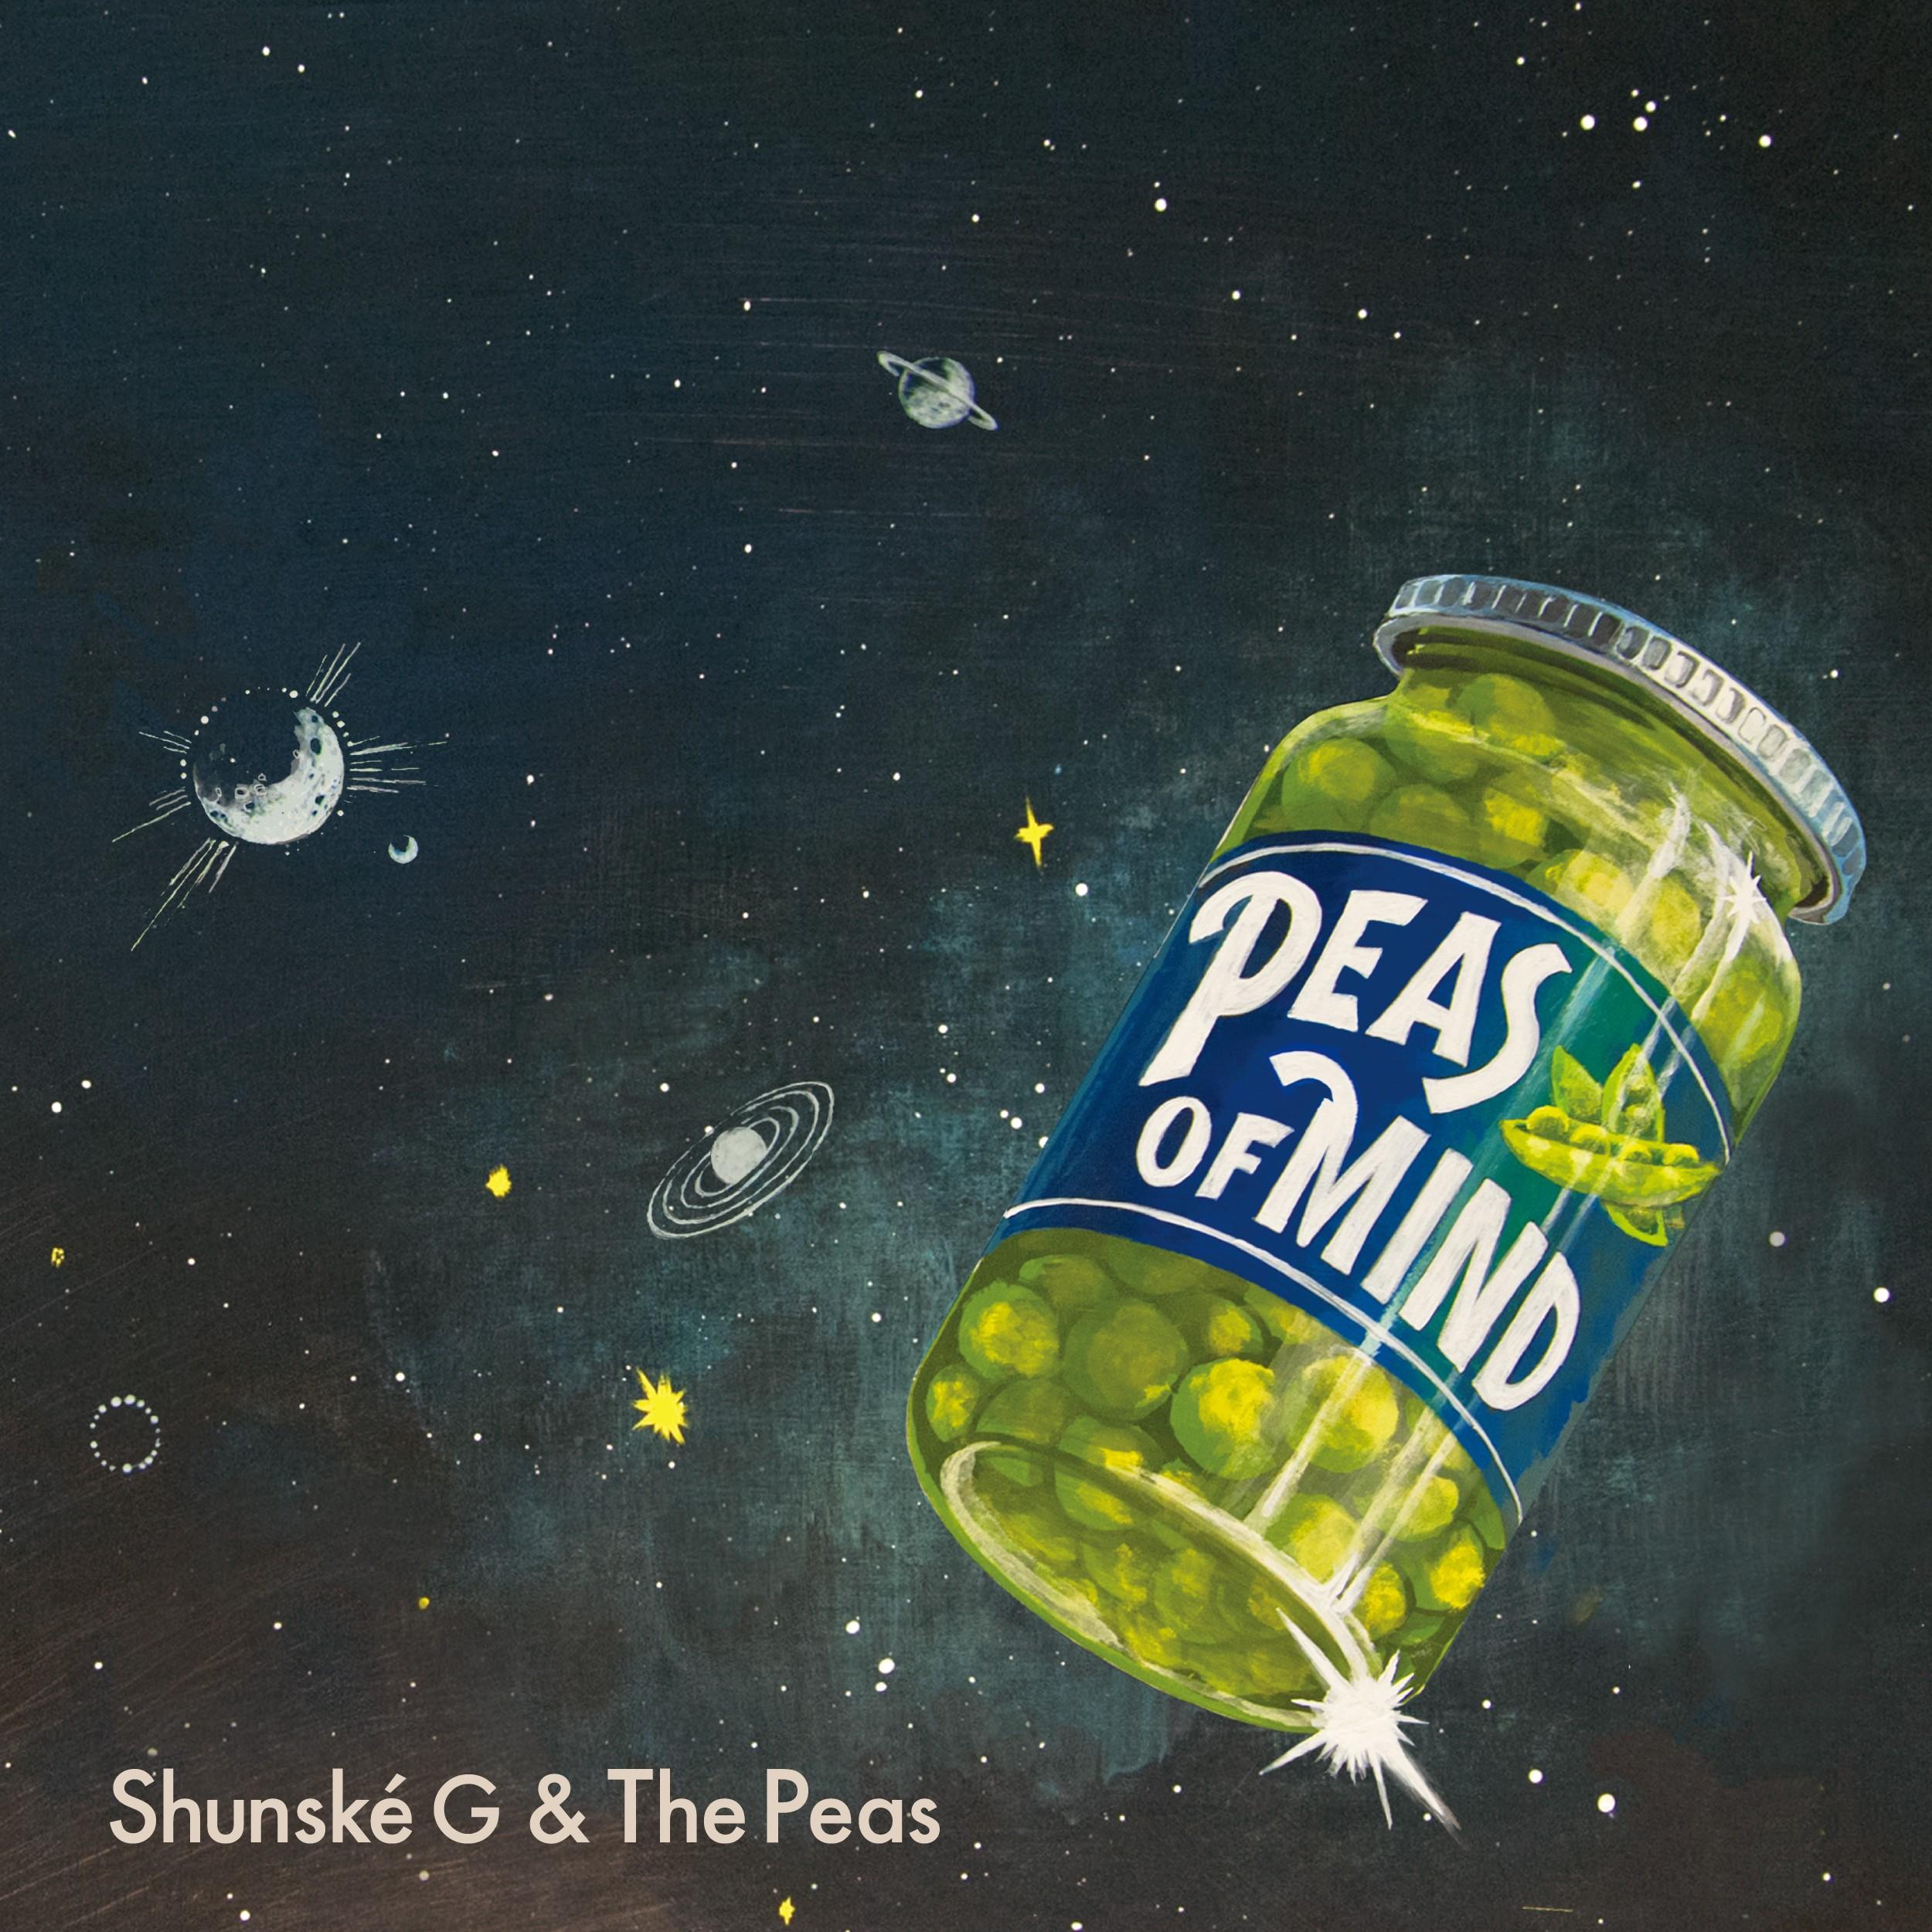 Image of PEAS OF MIND / Shunske G & The Peas